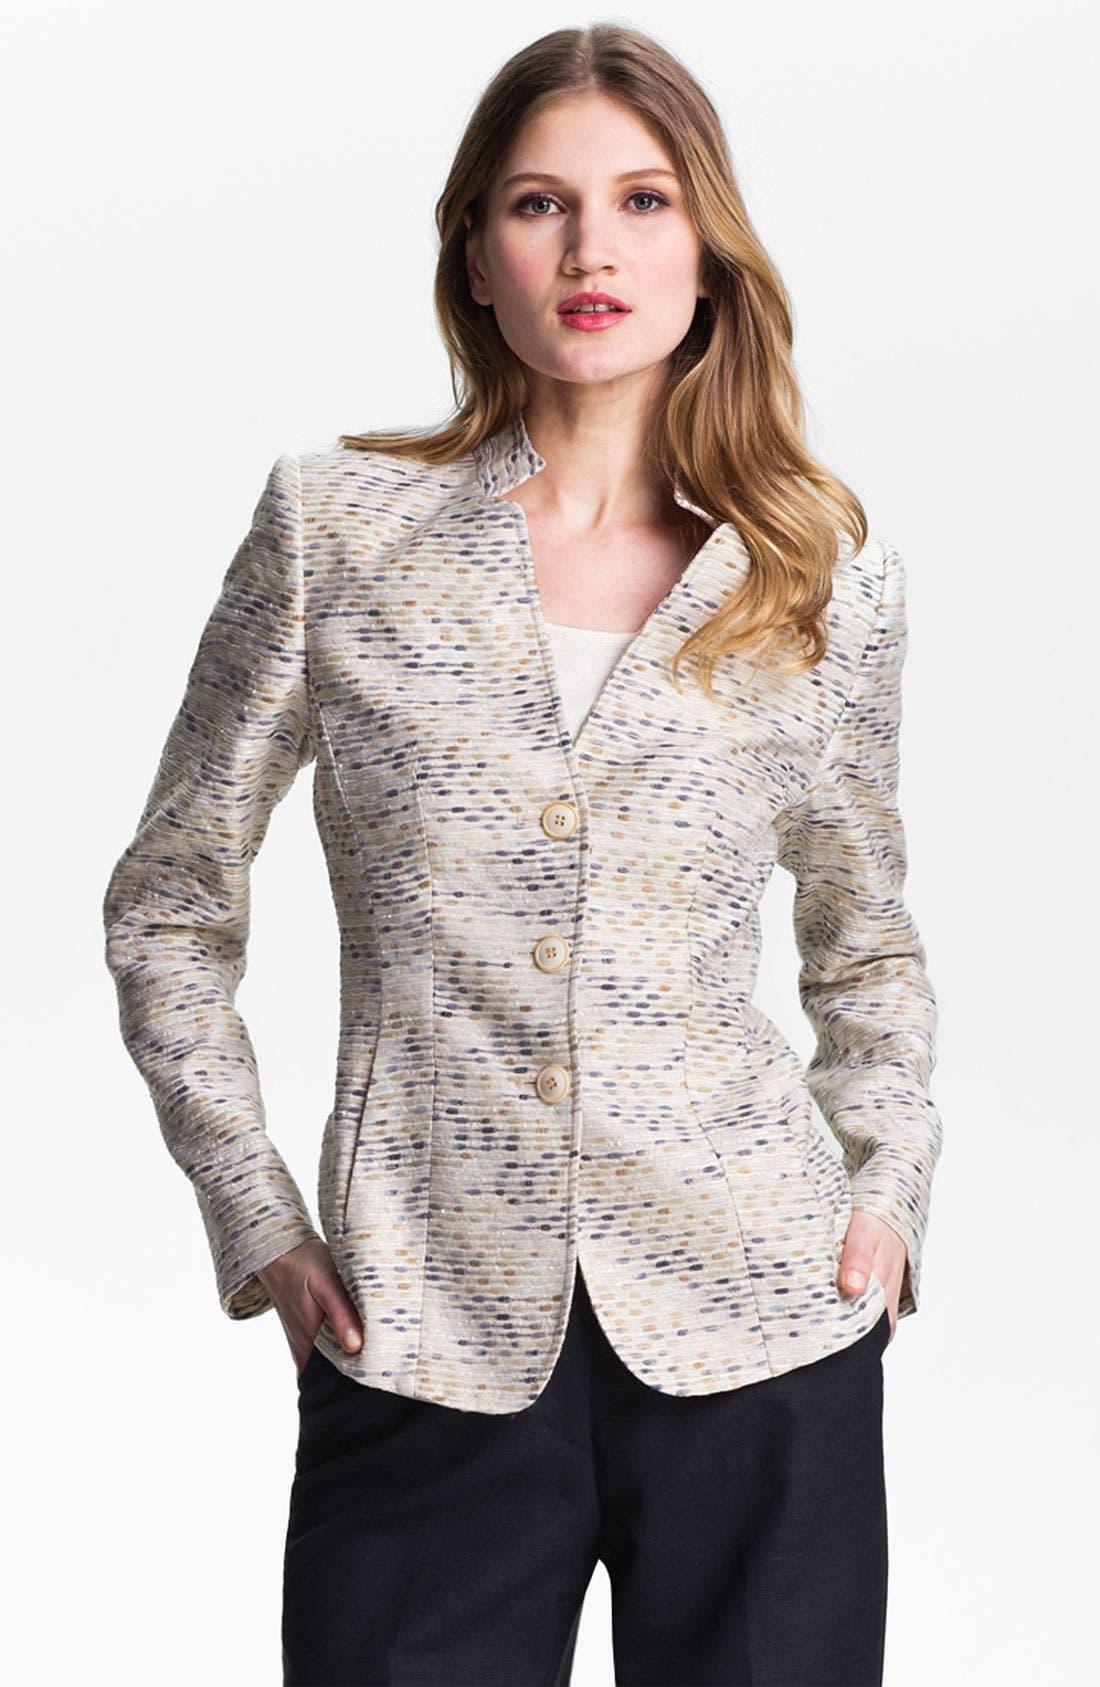 Alternate Image 1 Selected - Santorelli Abstract Tweed Jacket